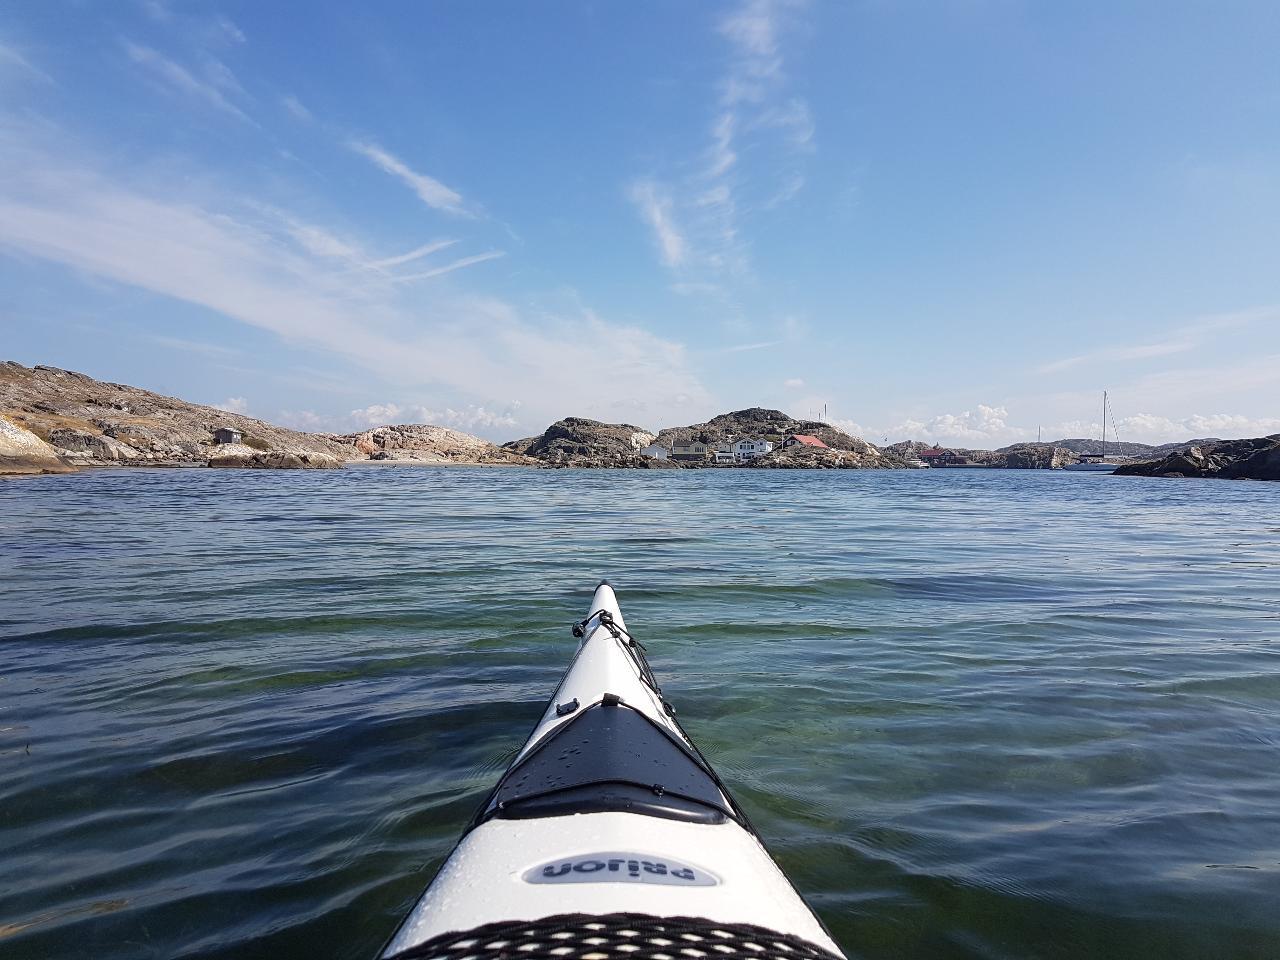 Dubbelkajak plast HELG Double kayak plastic WEEKEND